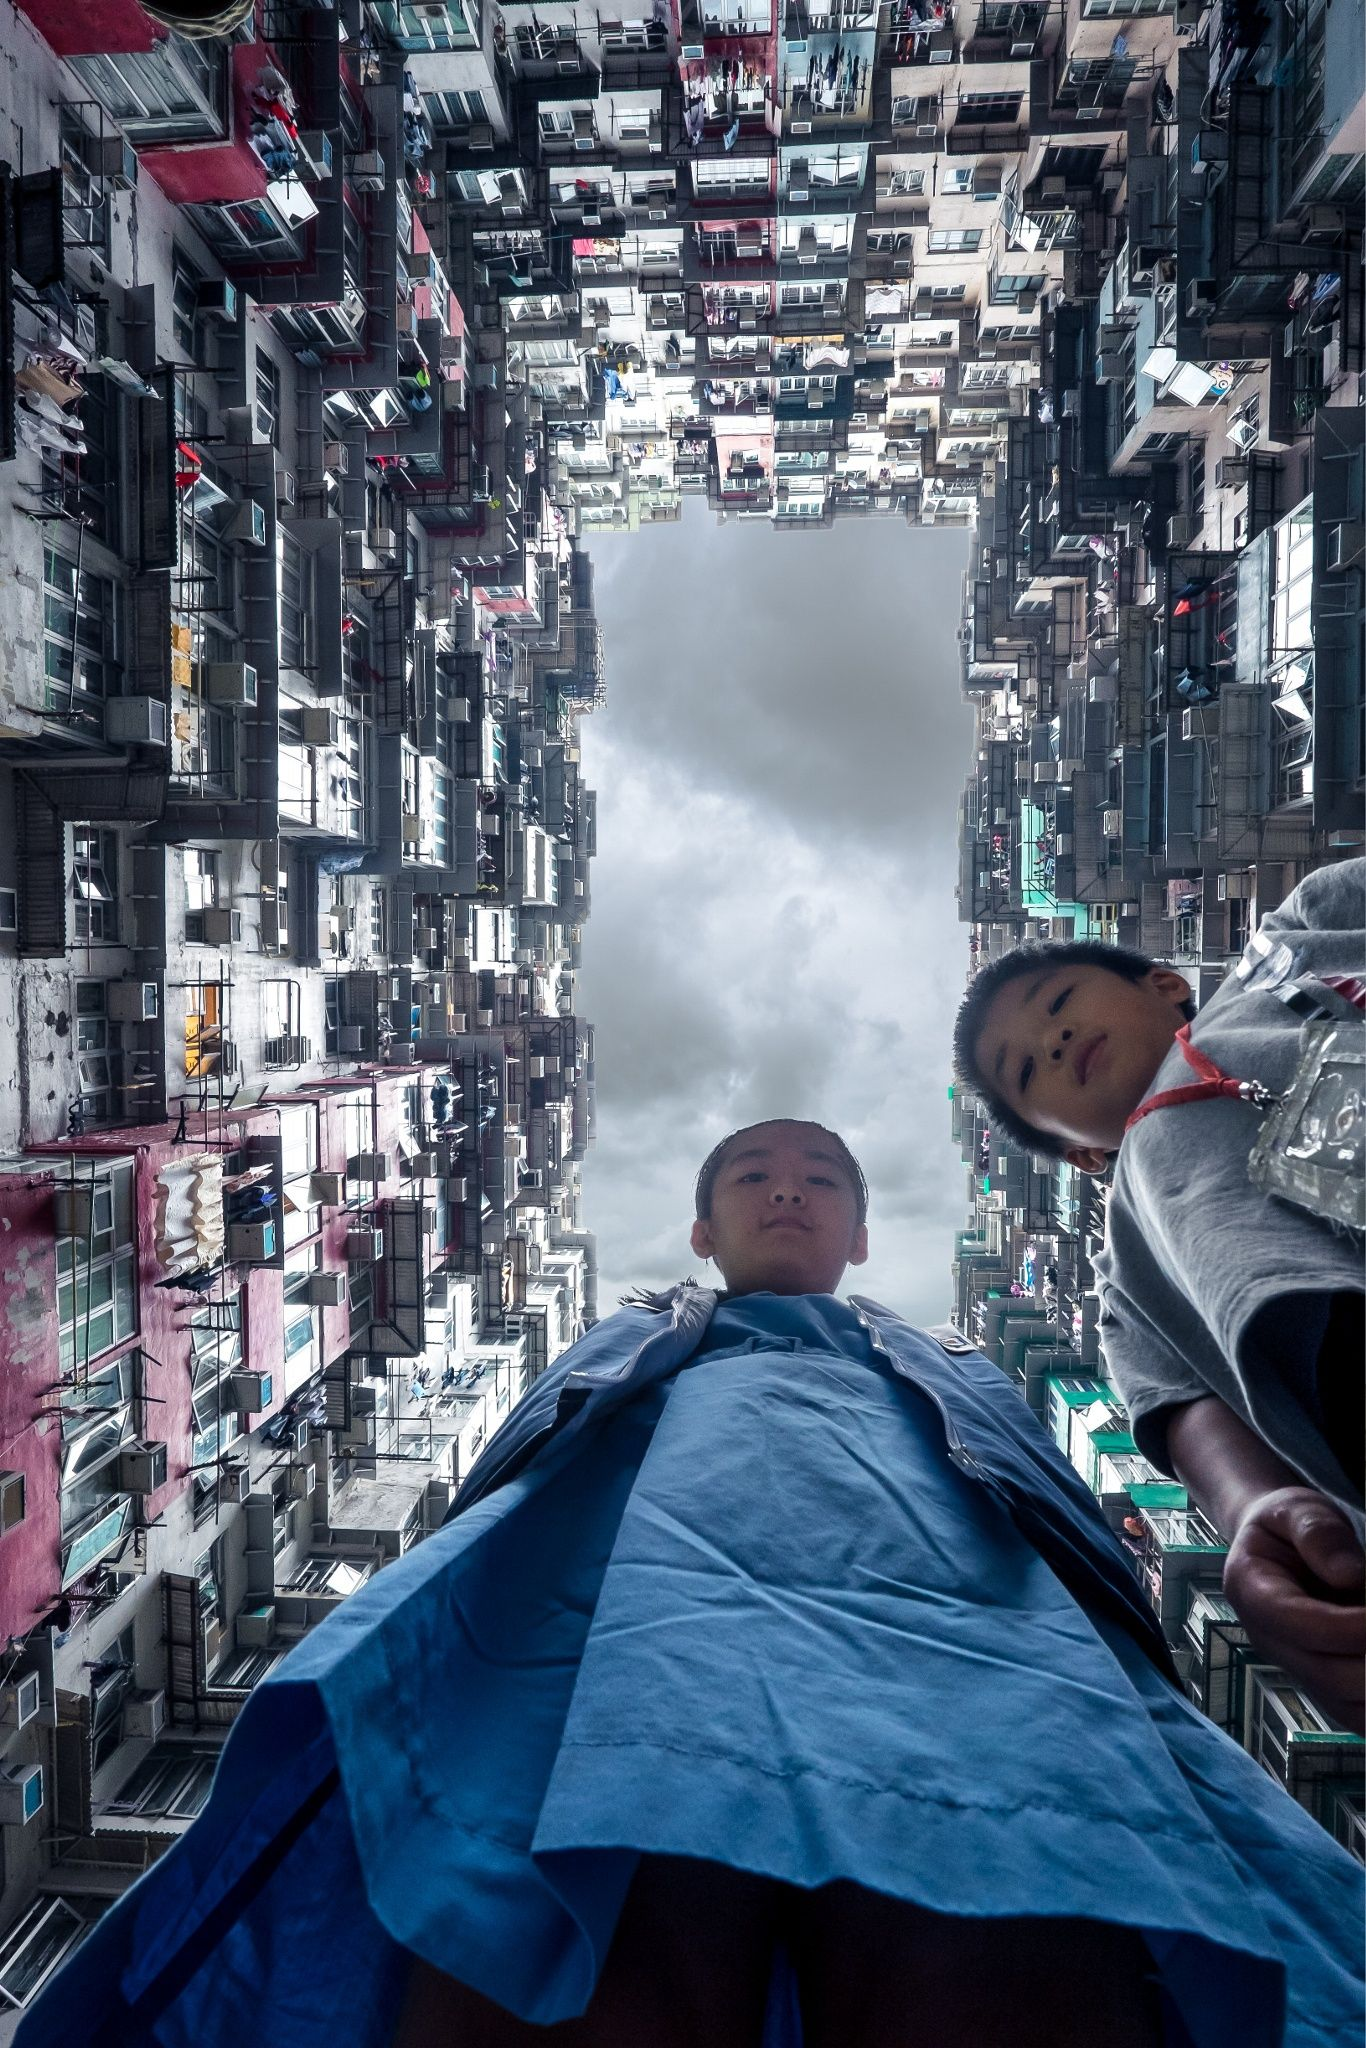 2014 Hong Kong Hong Kong Island My Take On This Famous